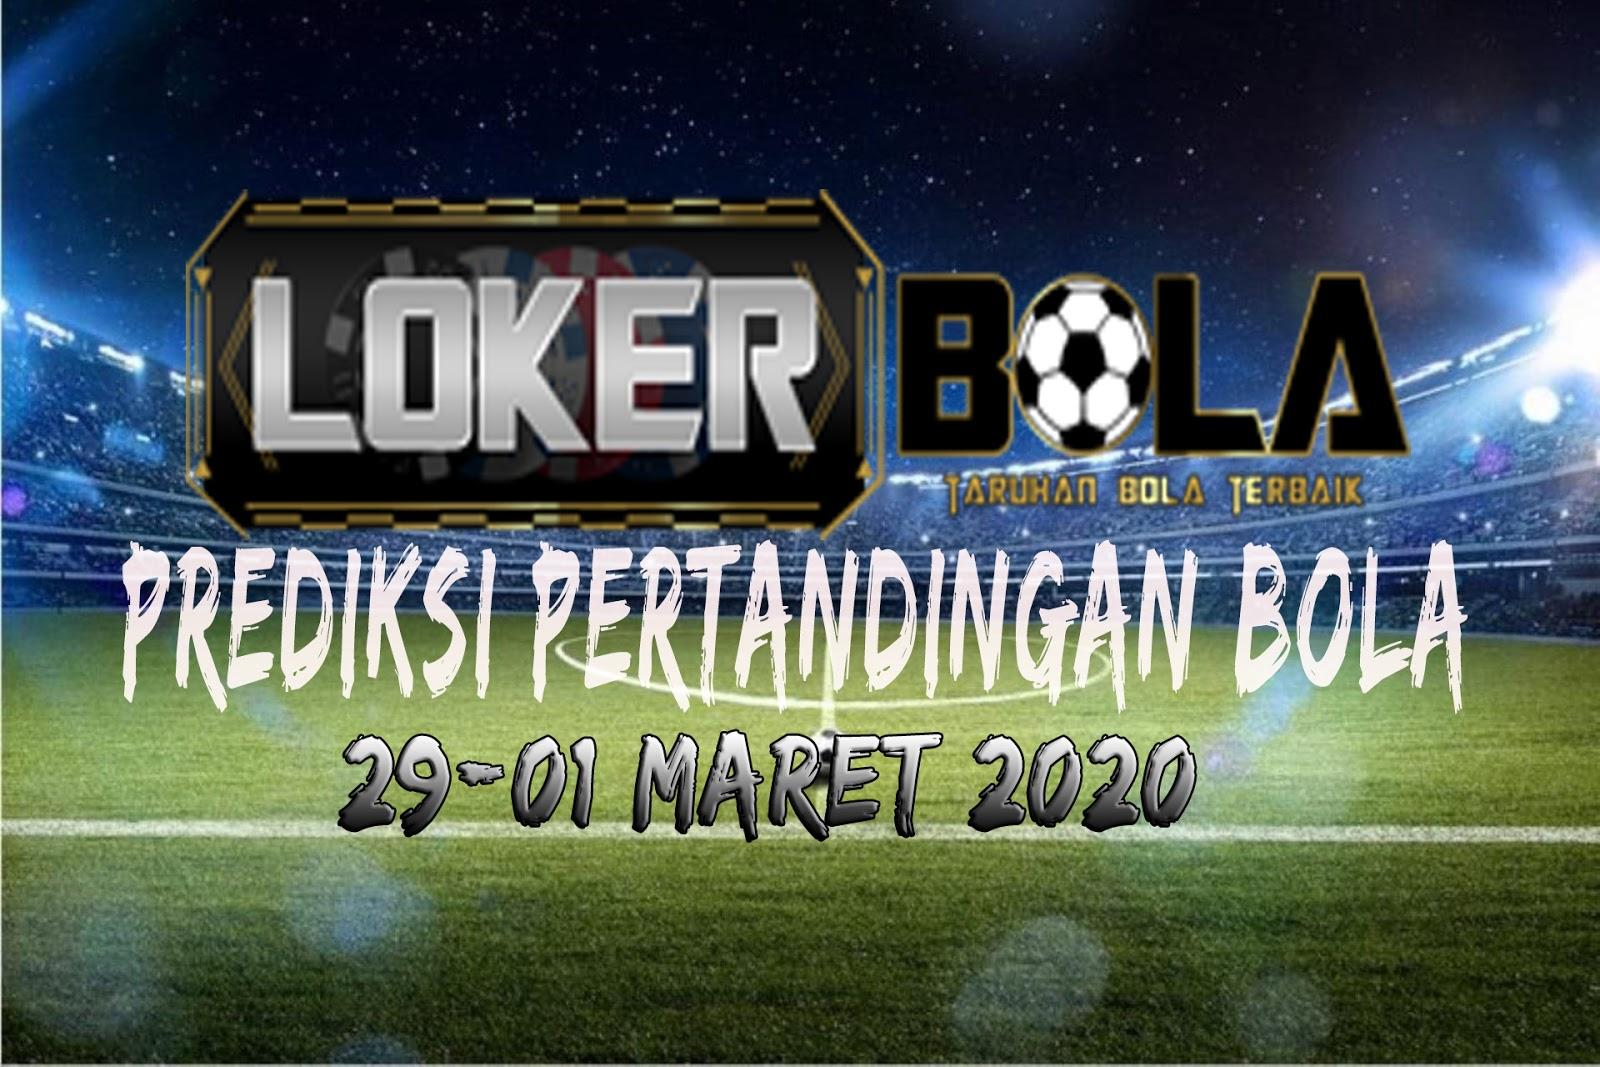 PREDIKSI PERTANDINGAN BOLA 29-01 MARET 2020